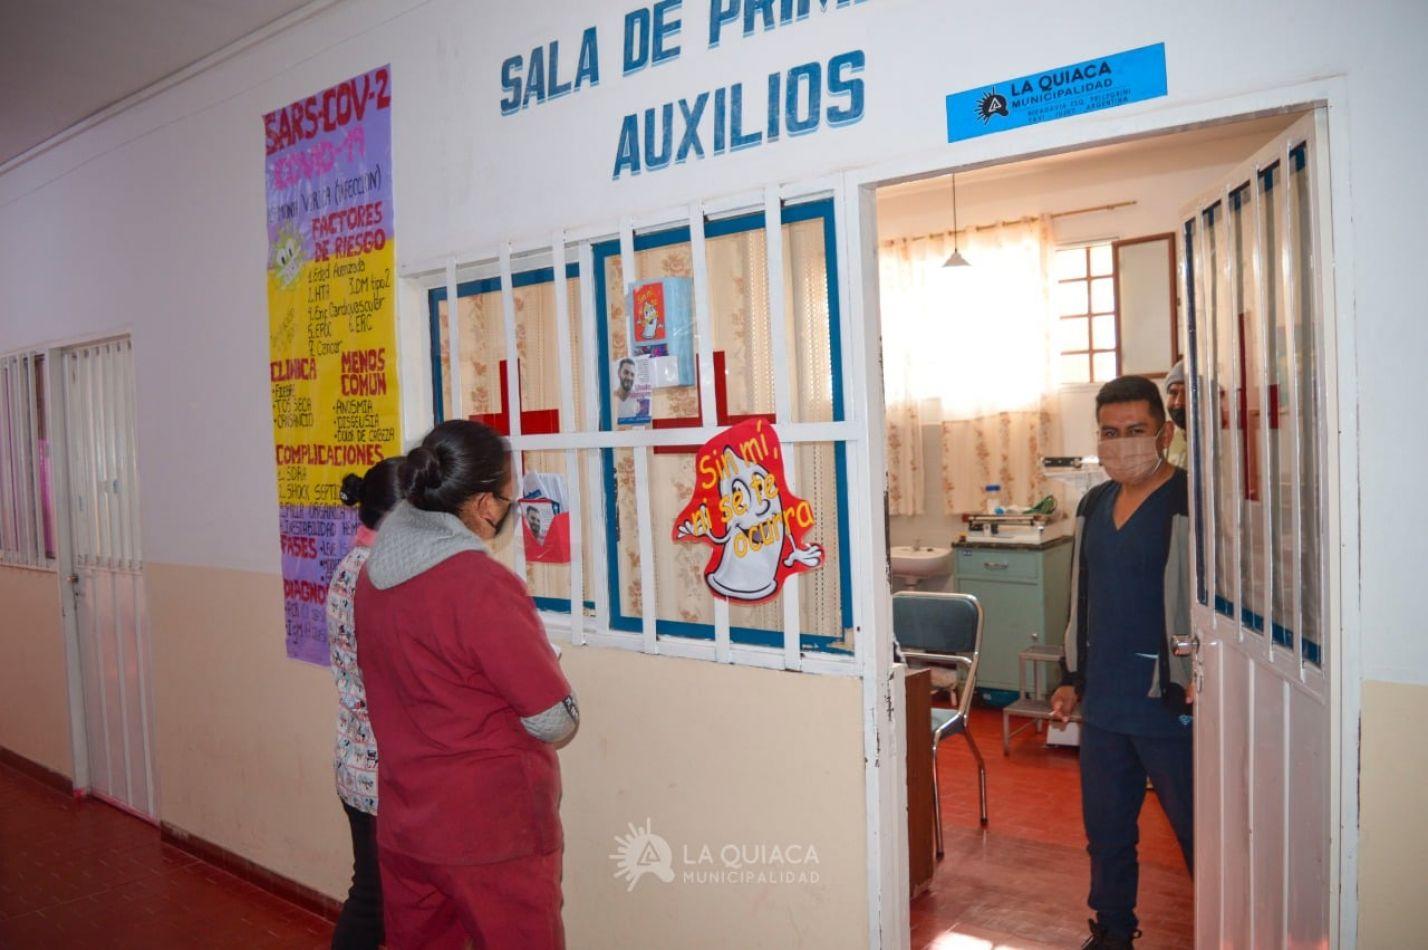 """Salud pública: """"gestionamos una unidad de traslado móvil de alta complejidad"""", anunció Gallardo"""